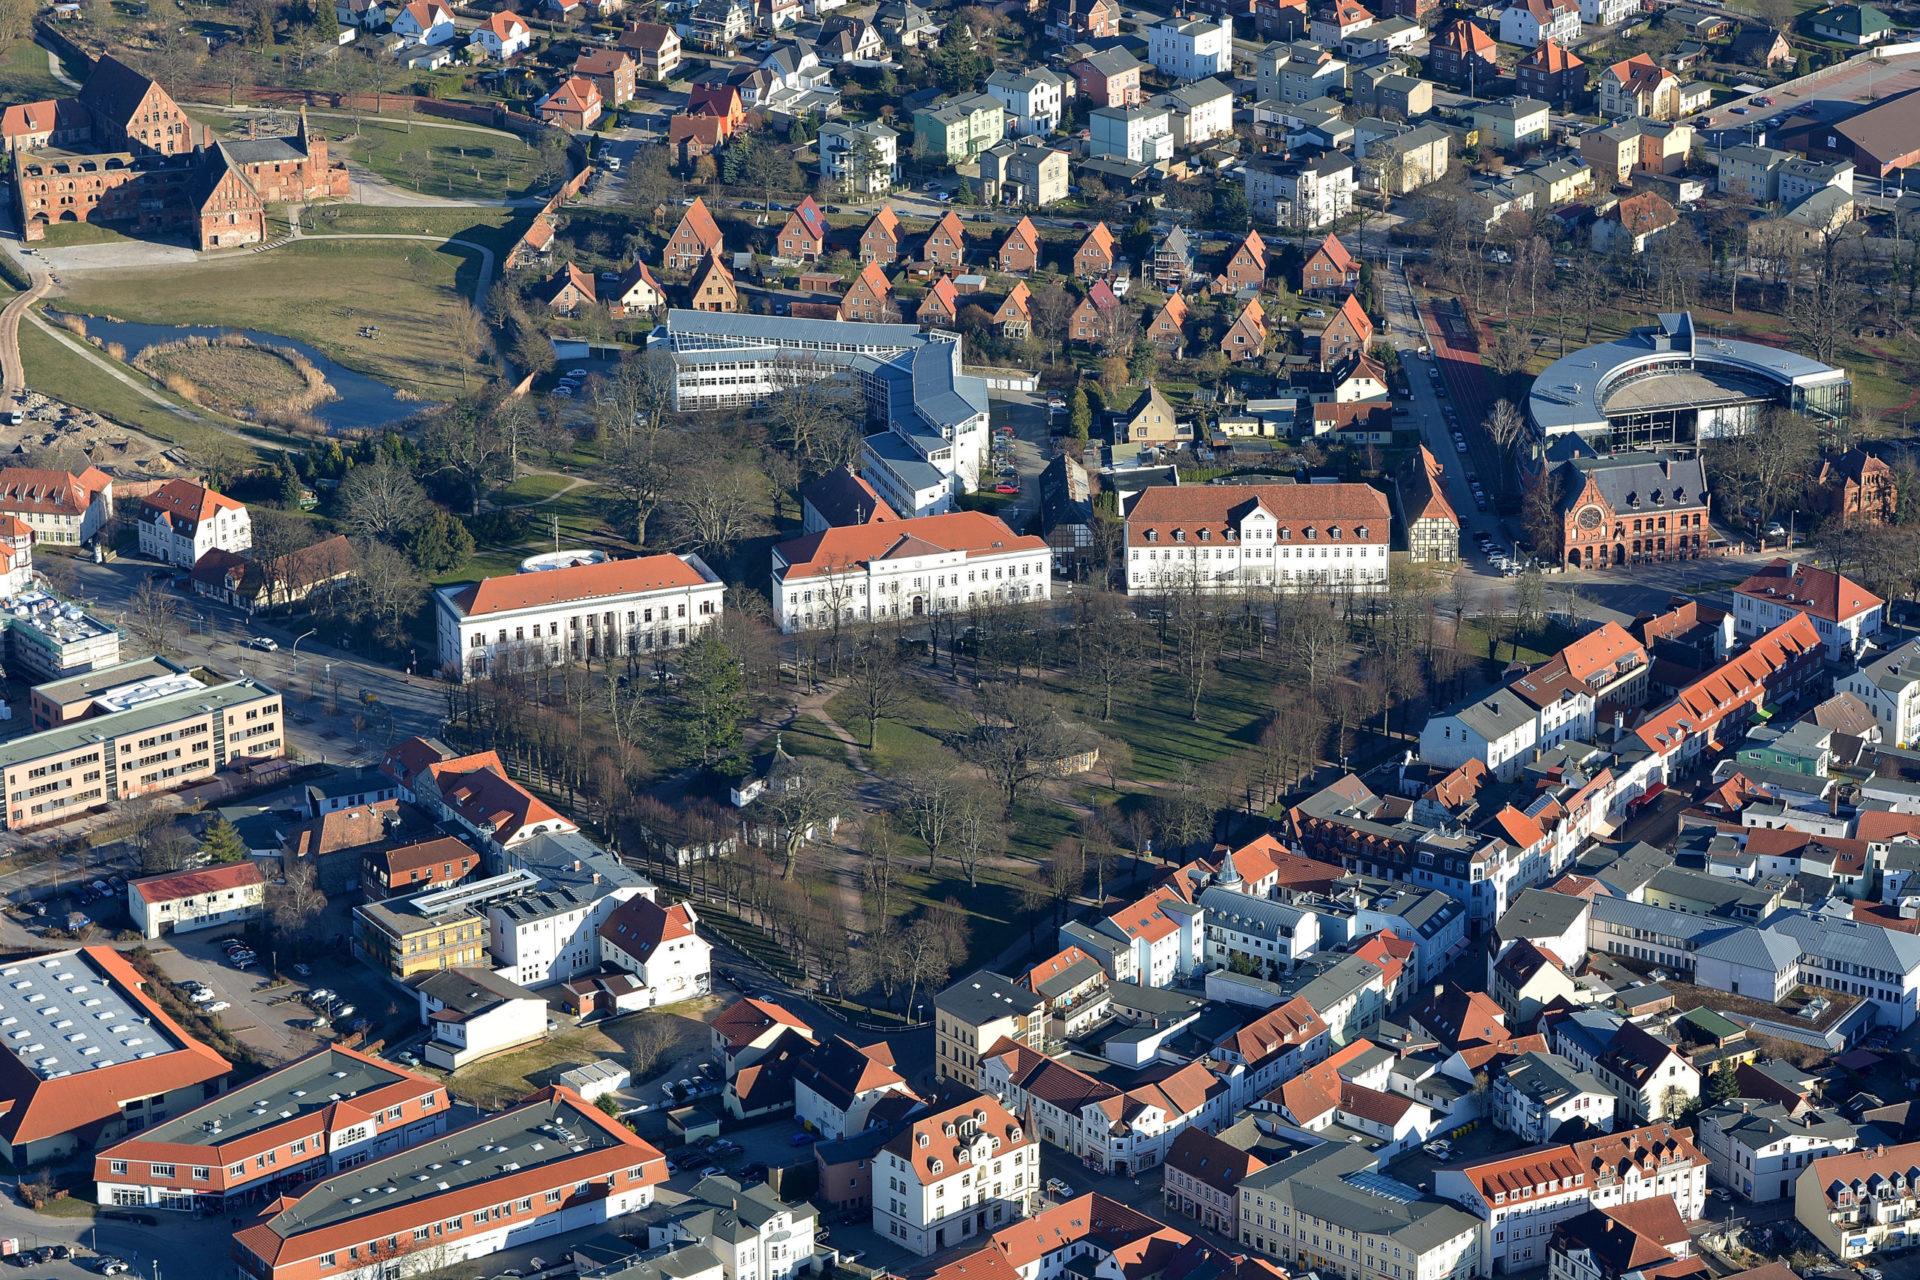 Luftbild vom Kamp Bad Doberan mit Weißer Pavillon, Roter Pavillon, Großherzogliches Palais, Salongebäude, Friedrich-Franz-Palais, Gymnasium